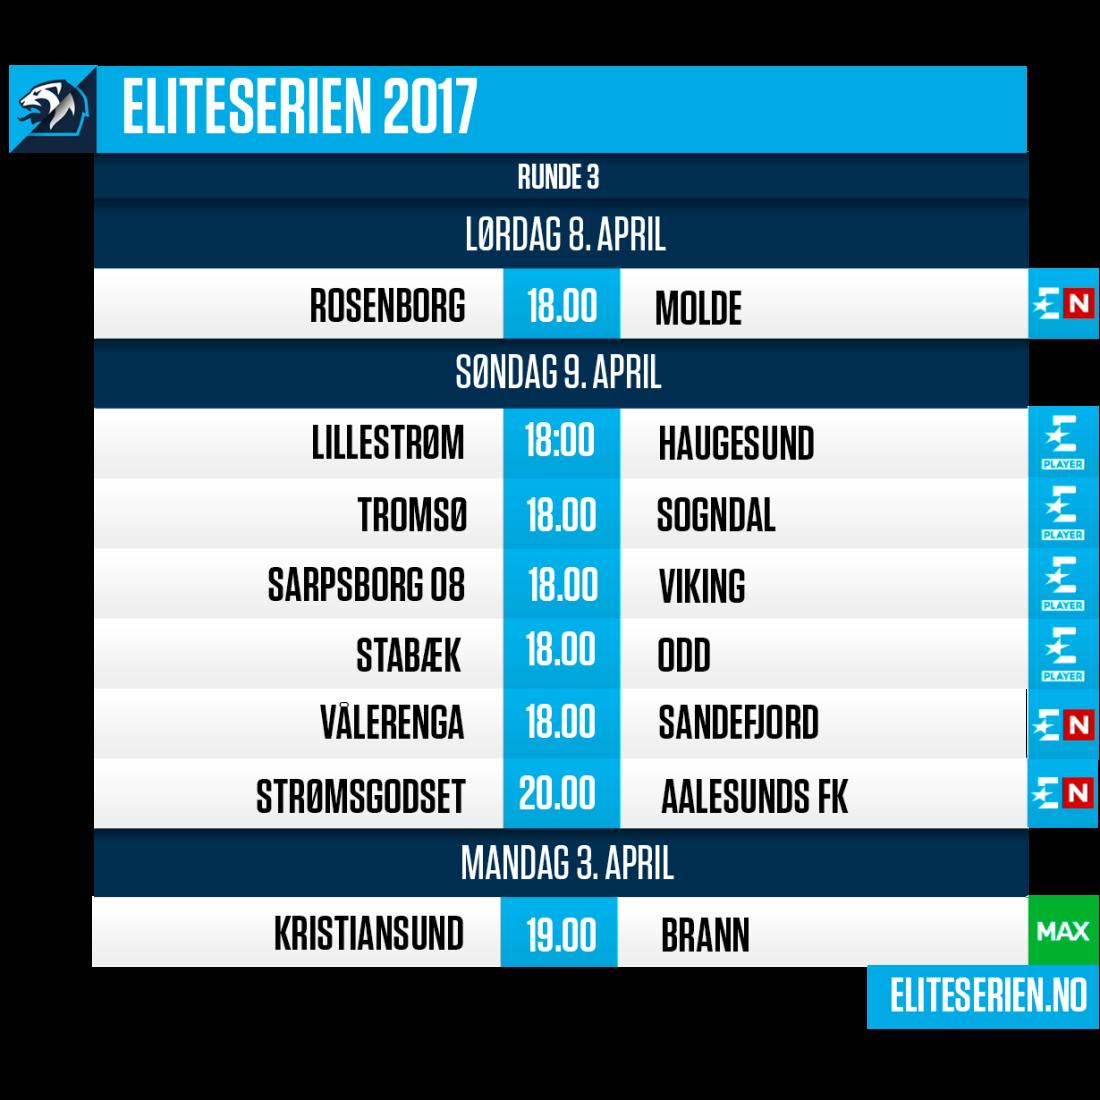 Eliteserien_runde_3.png